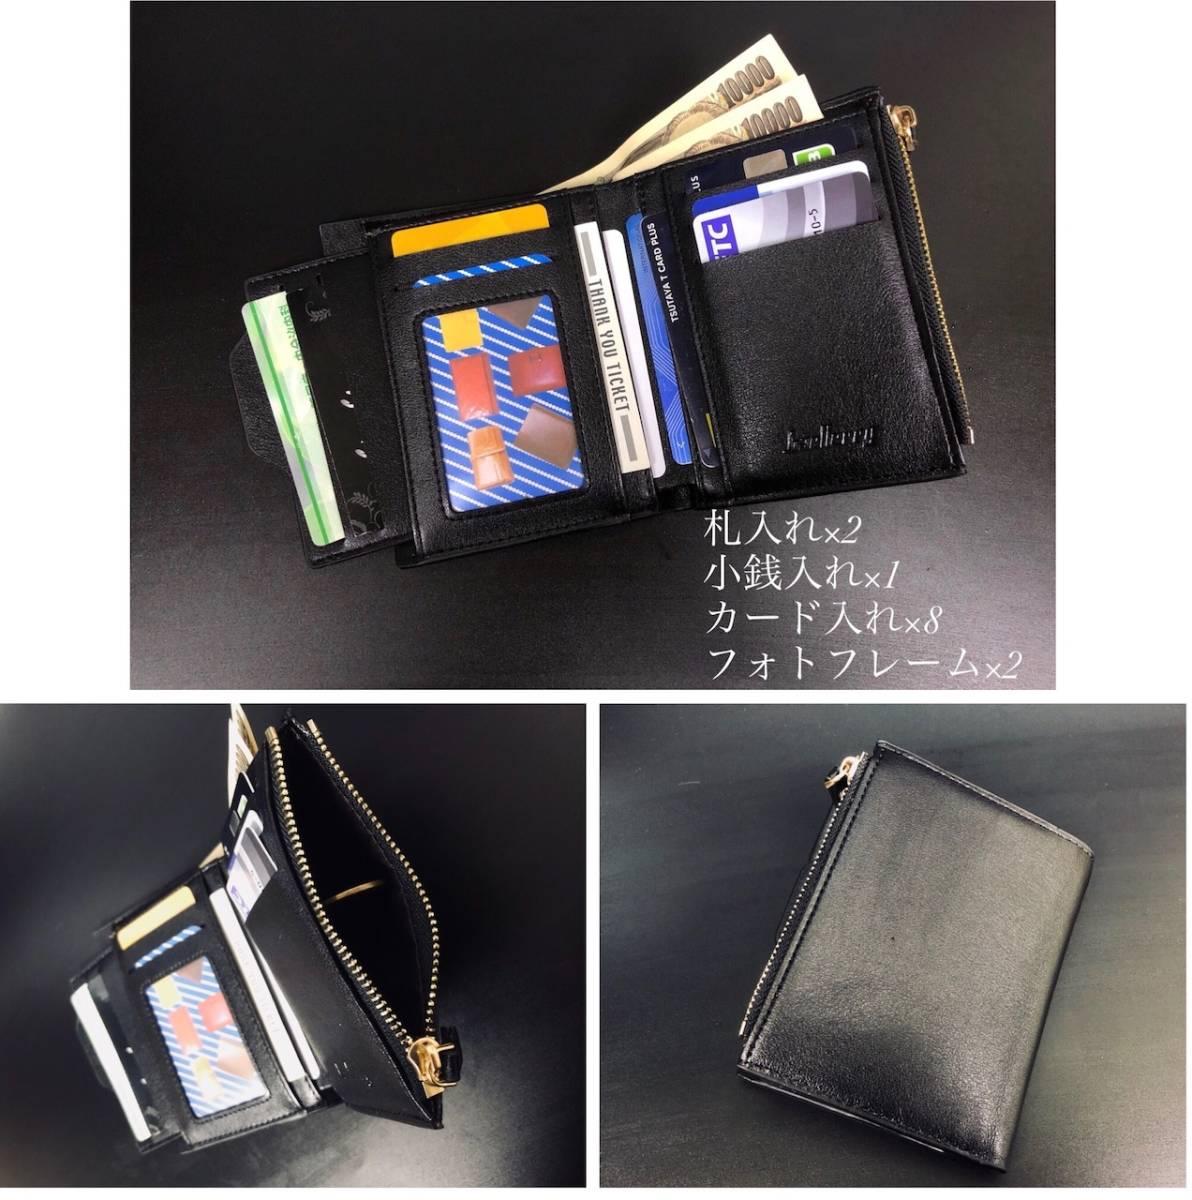 財布 二つ折り財布 コンパクト メンズ お札入れ 小銭入れ カードケース フォトフレーム付き ウォレット 黒色 ブラック_画像2